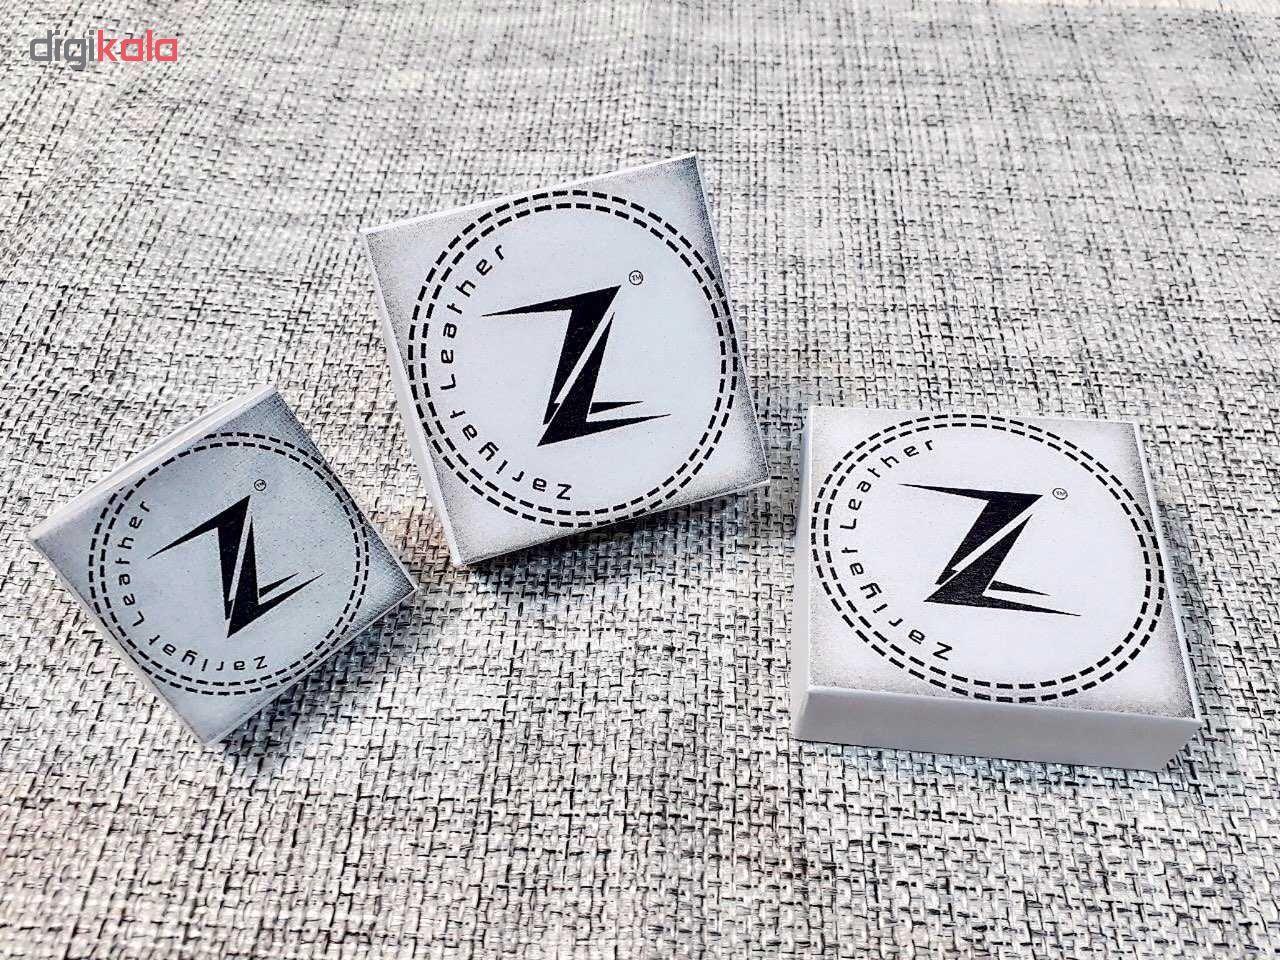 دستبند کد 22 مجموعه 2 عددی main 1 2